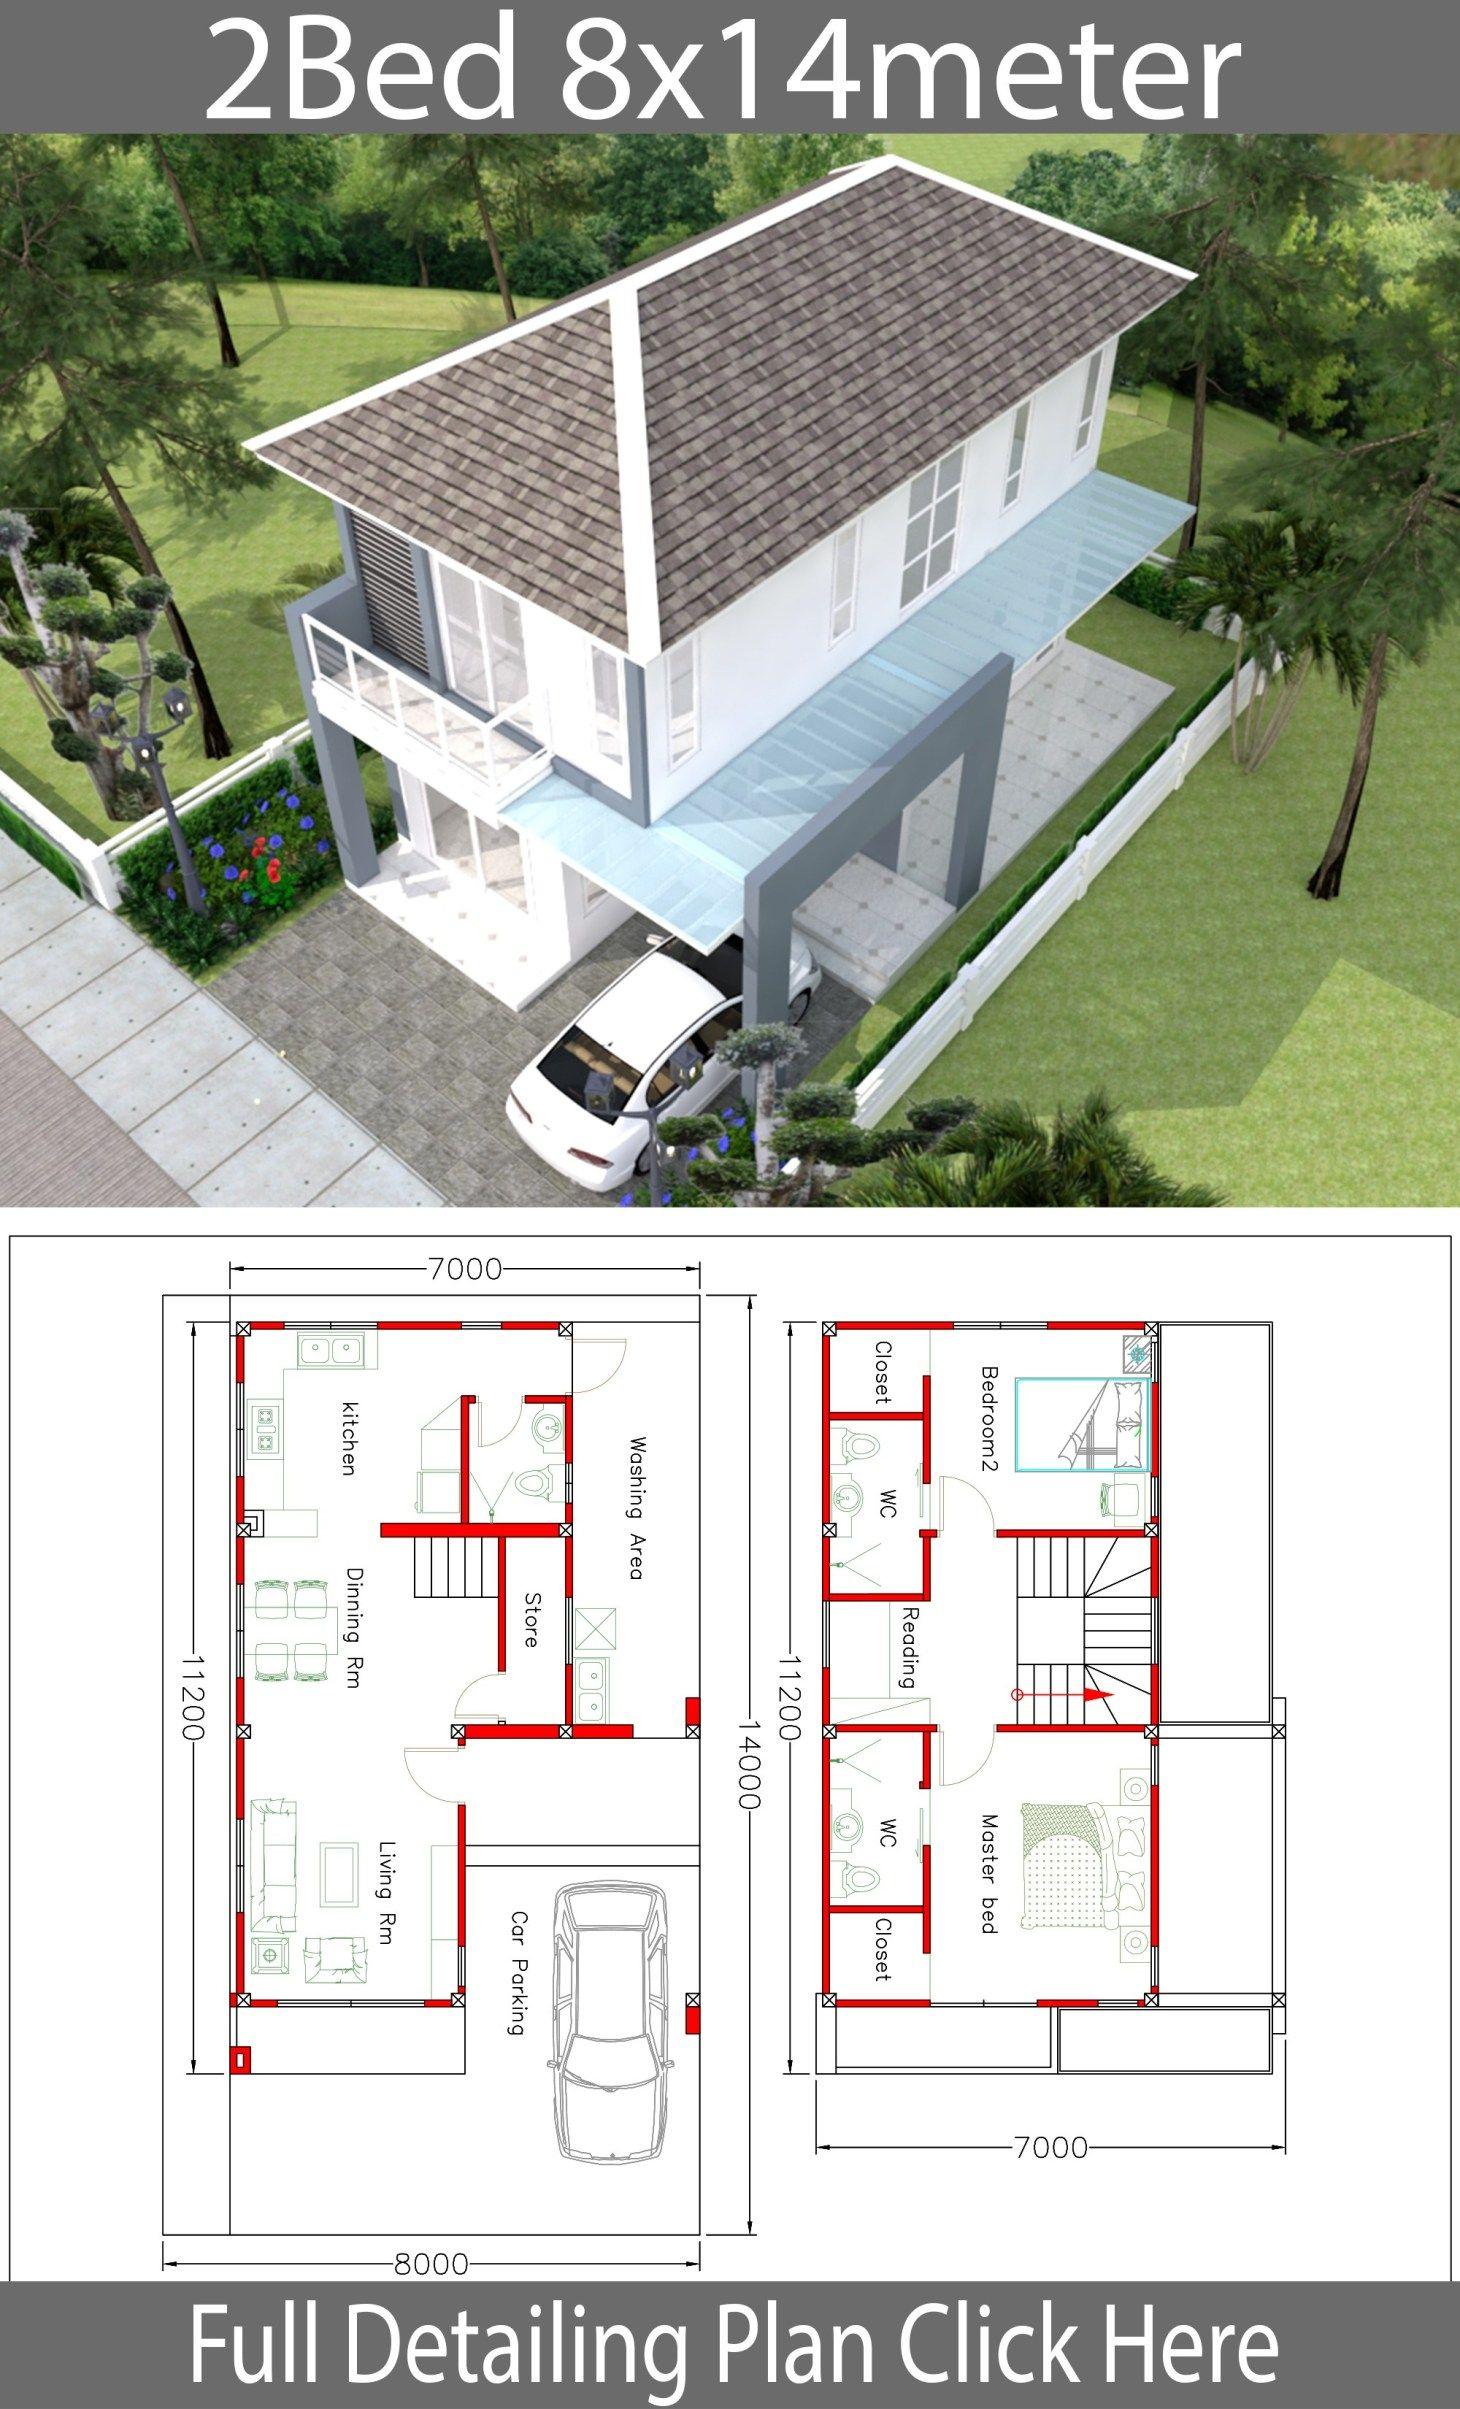 House Design 8x14m With 2 Bedrooms Samphoas Com House Design Home Design Plans Architecture House